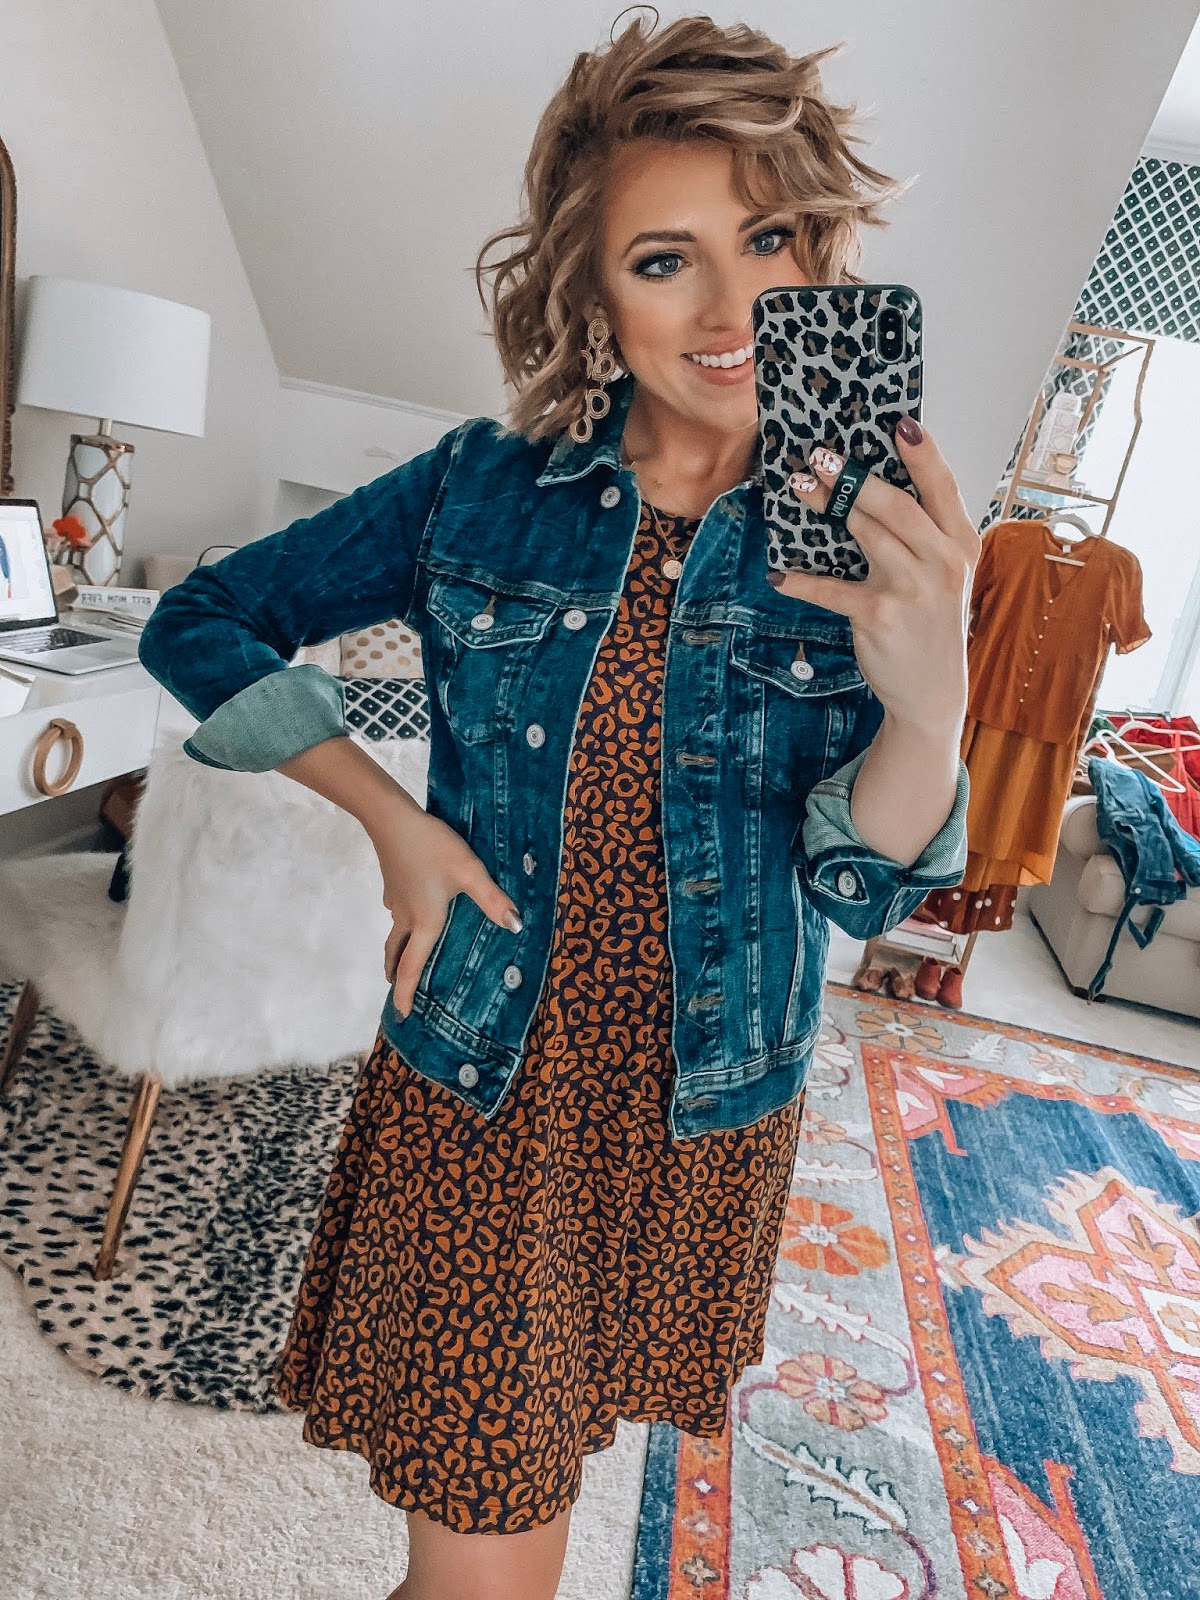 Old Navy Leopard Dress + Denim Jacket - Something Delightful Blog #affordablefashion